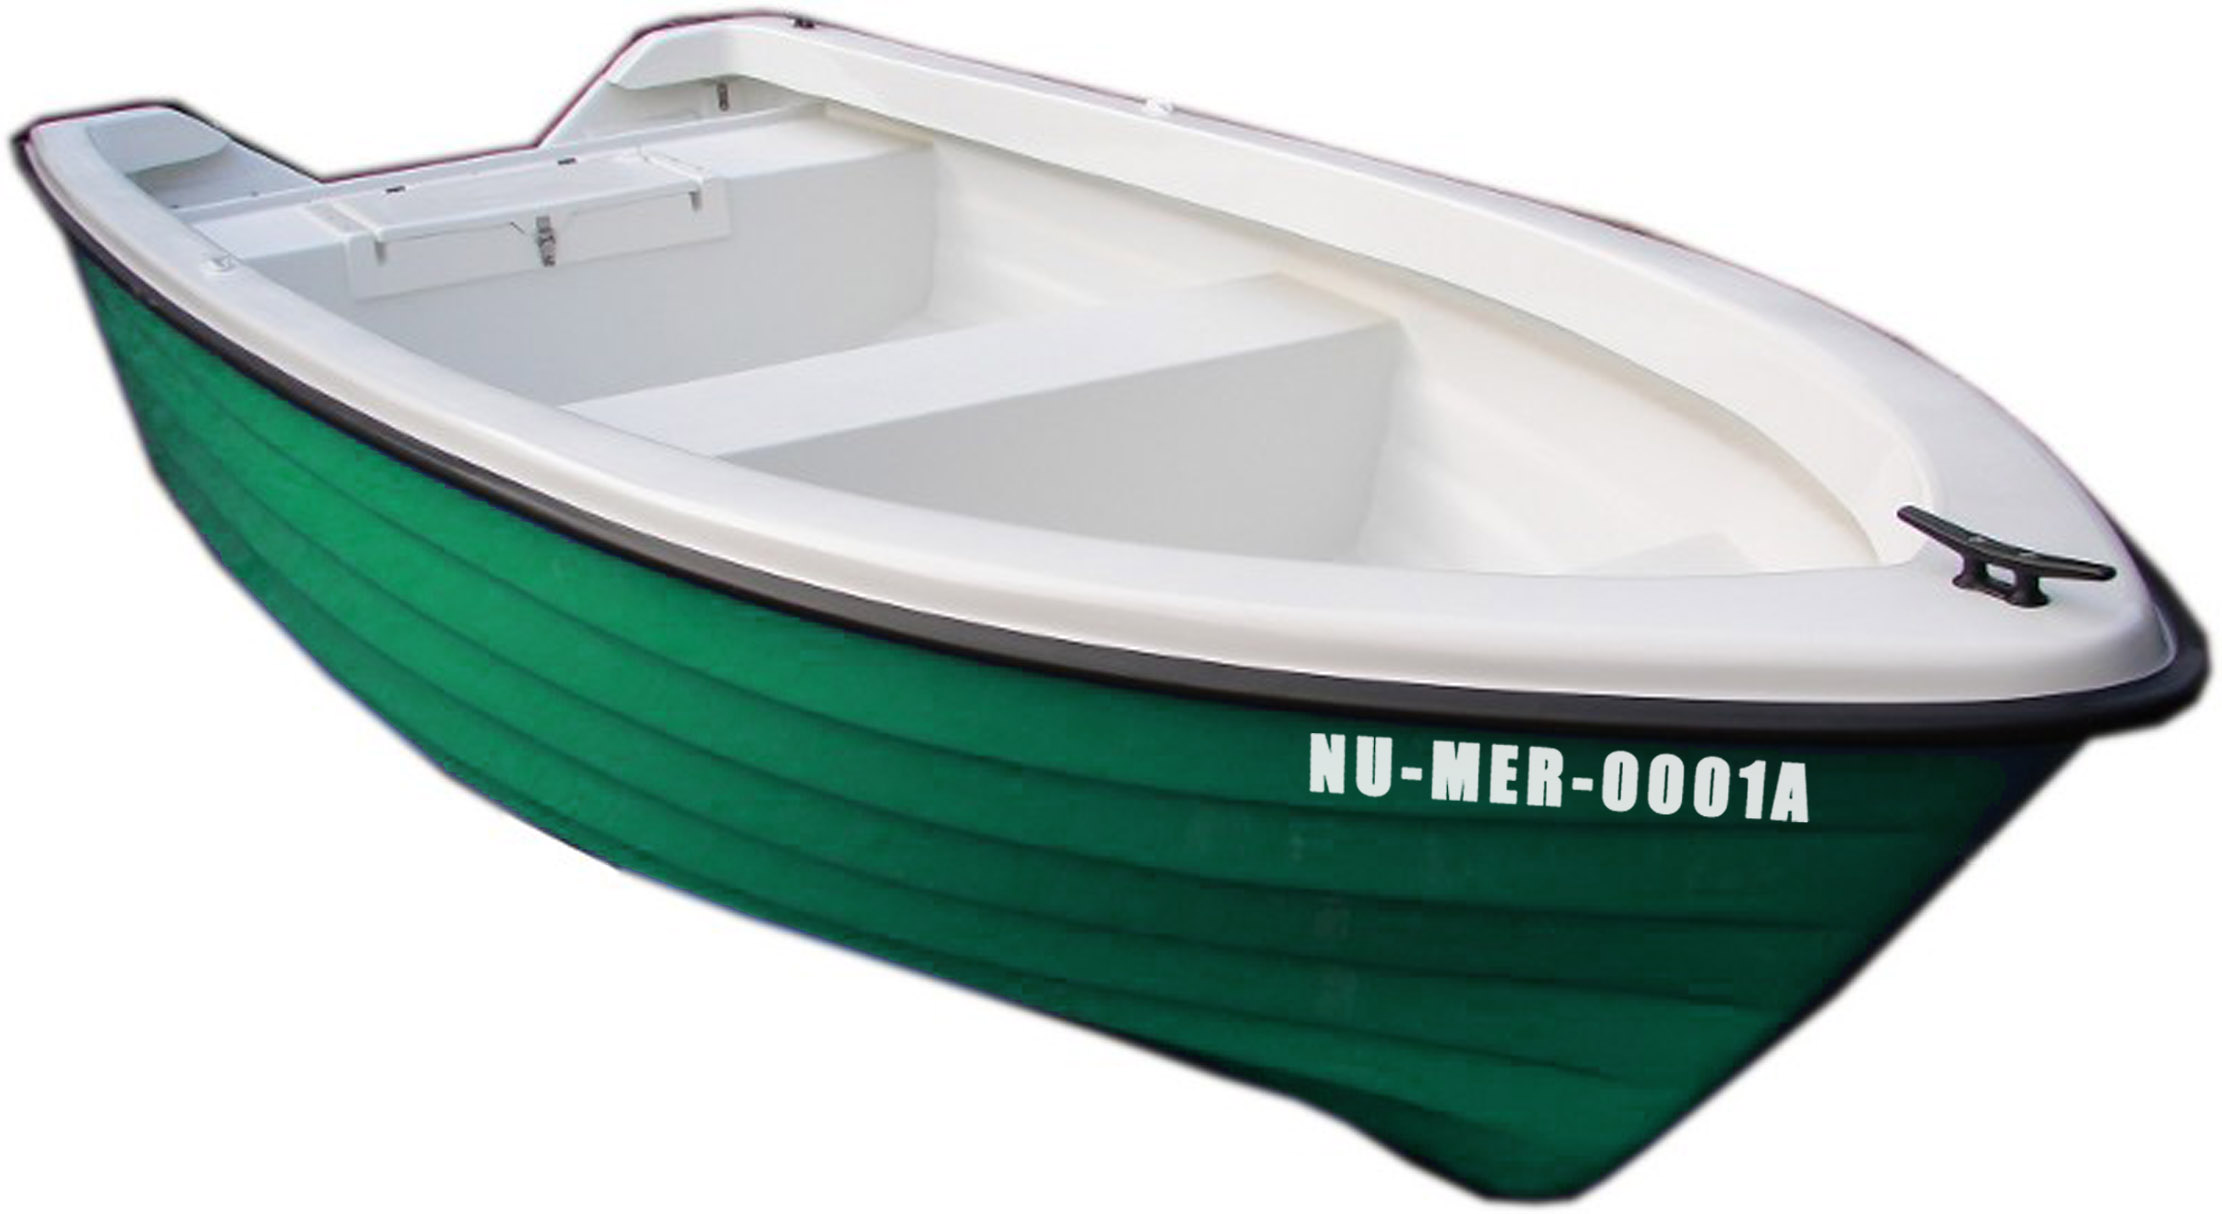 NUMERY rejestracyjne łódź łódkę скутер водостойкийE